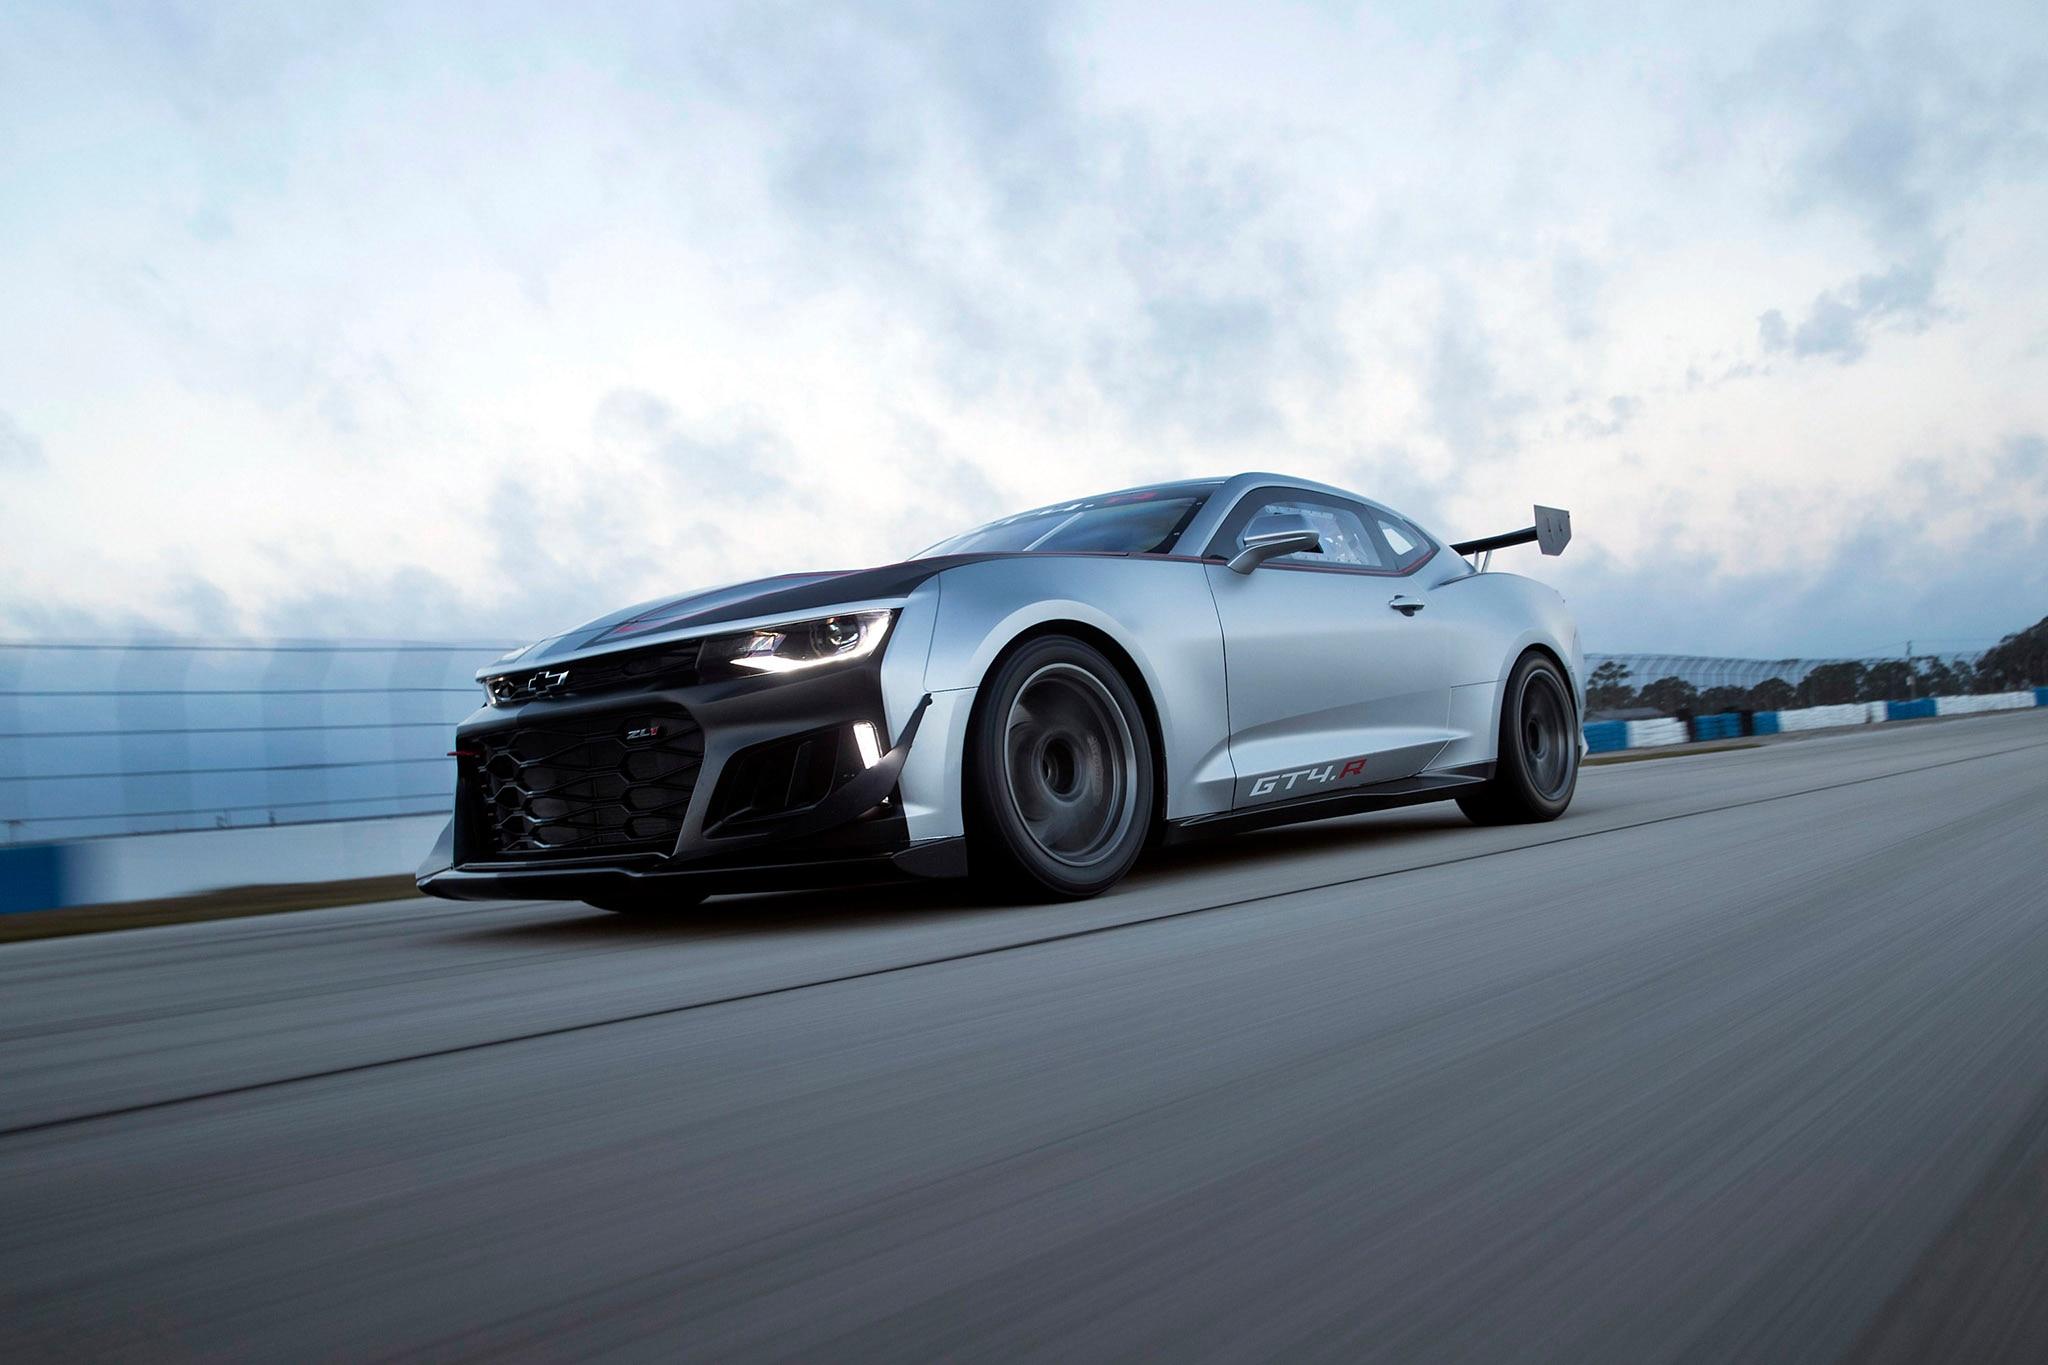 Camaro Gt4r >> Chevrolet Debuts Wicked Camaro GT4.R | Automobile Magazine